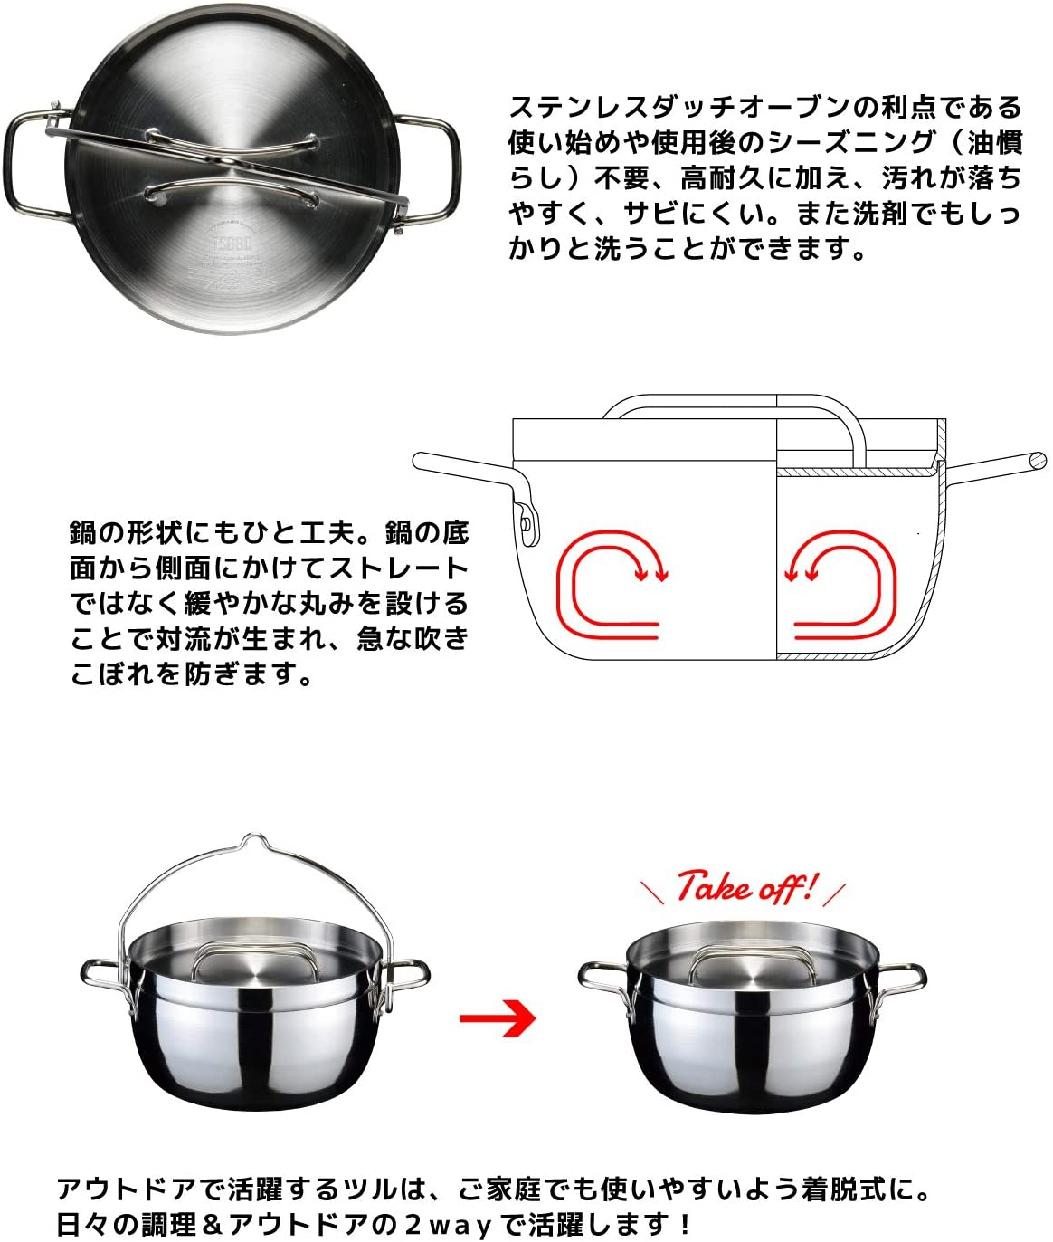 TSBBQ(ツバメサンギョウバーベキュー)ライトステンレス ダッチオーブン10 ステンレスTSBBQ-005の商品画像6